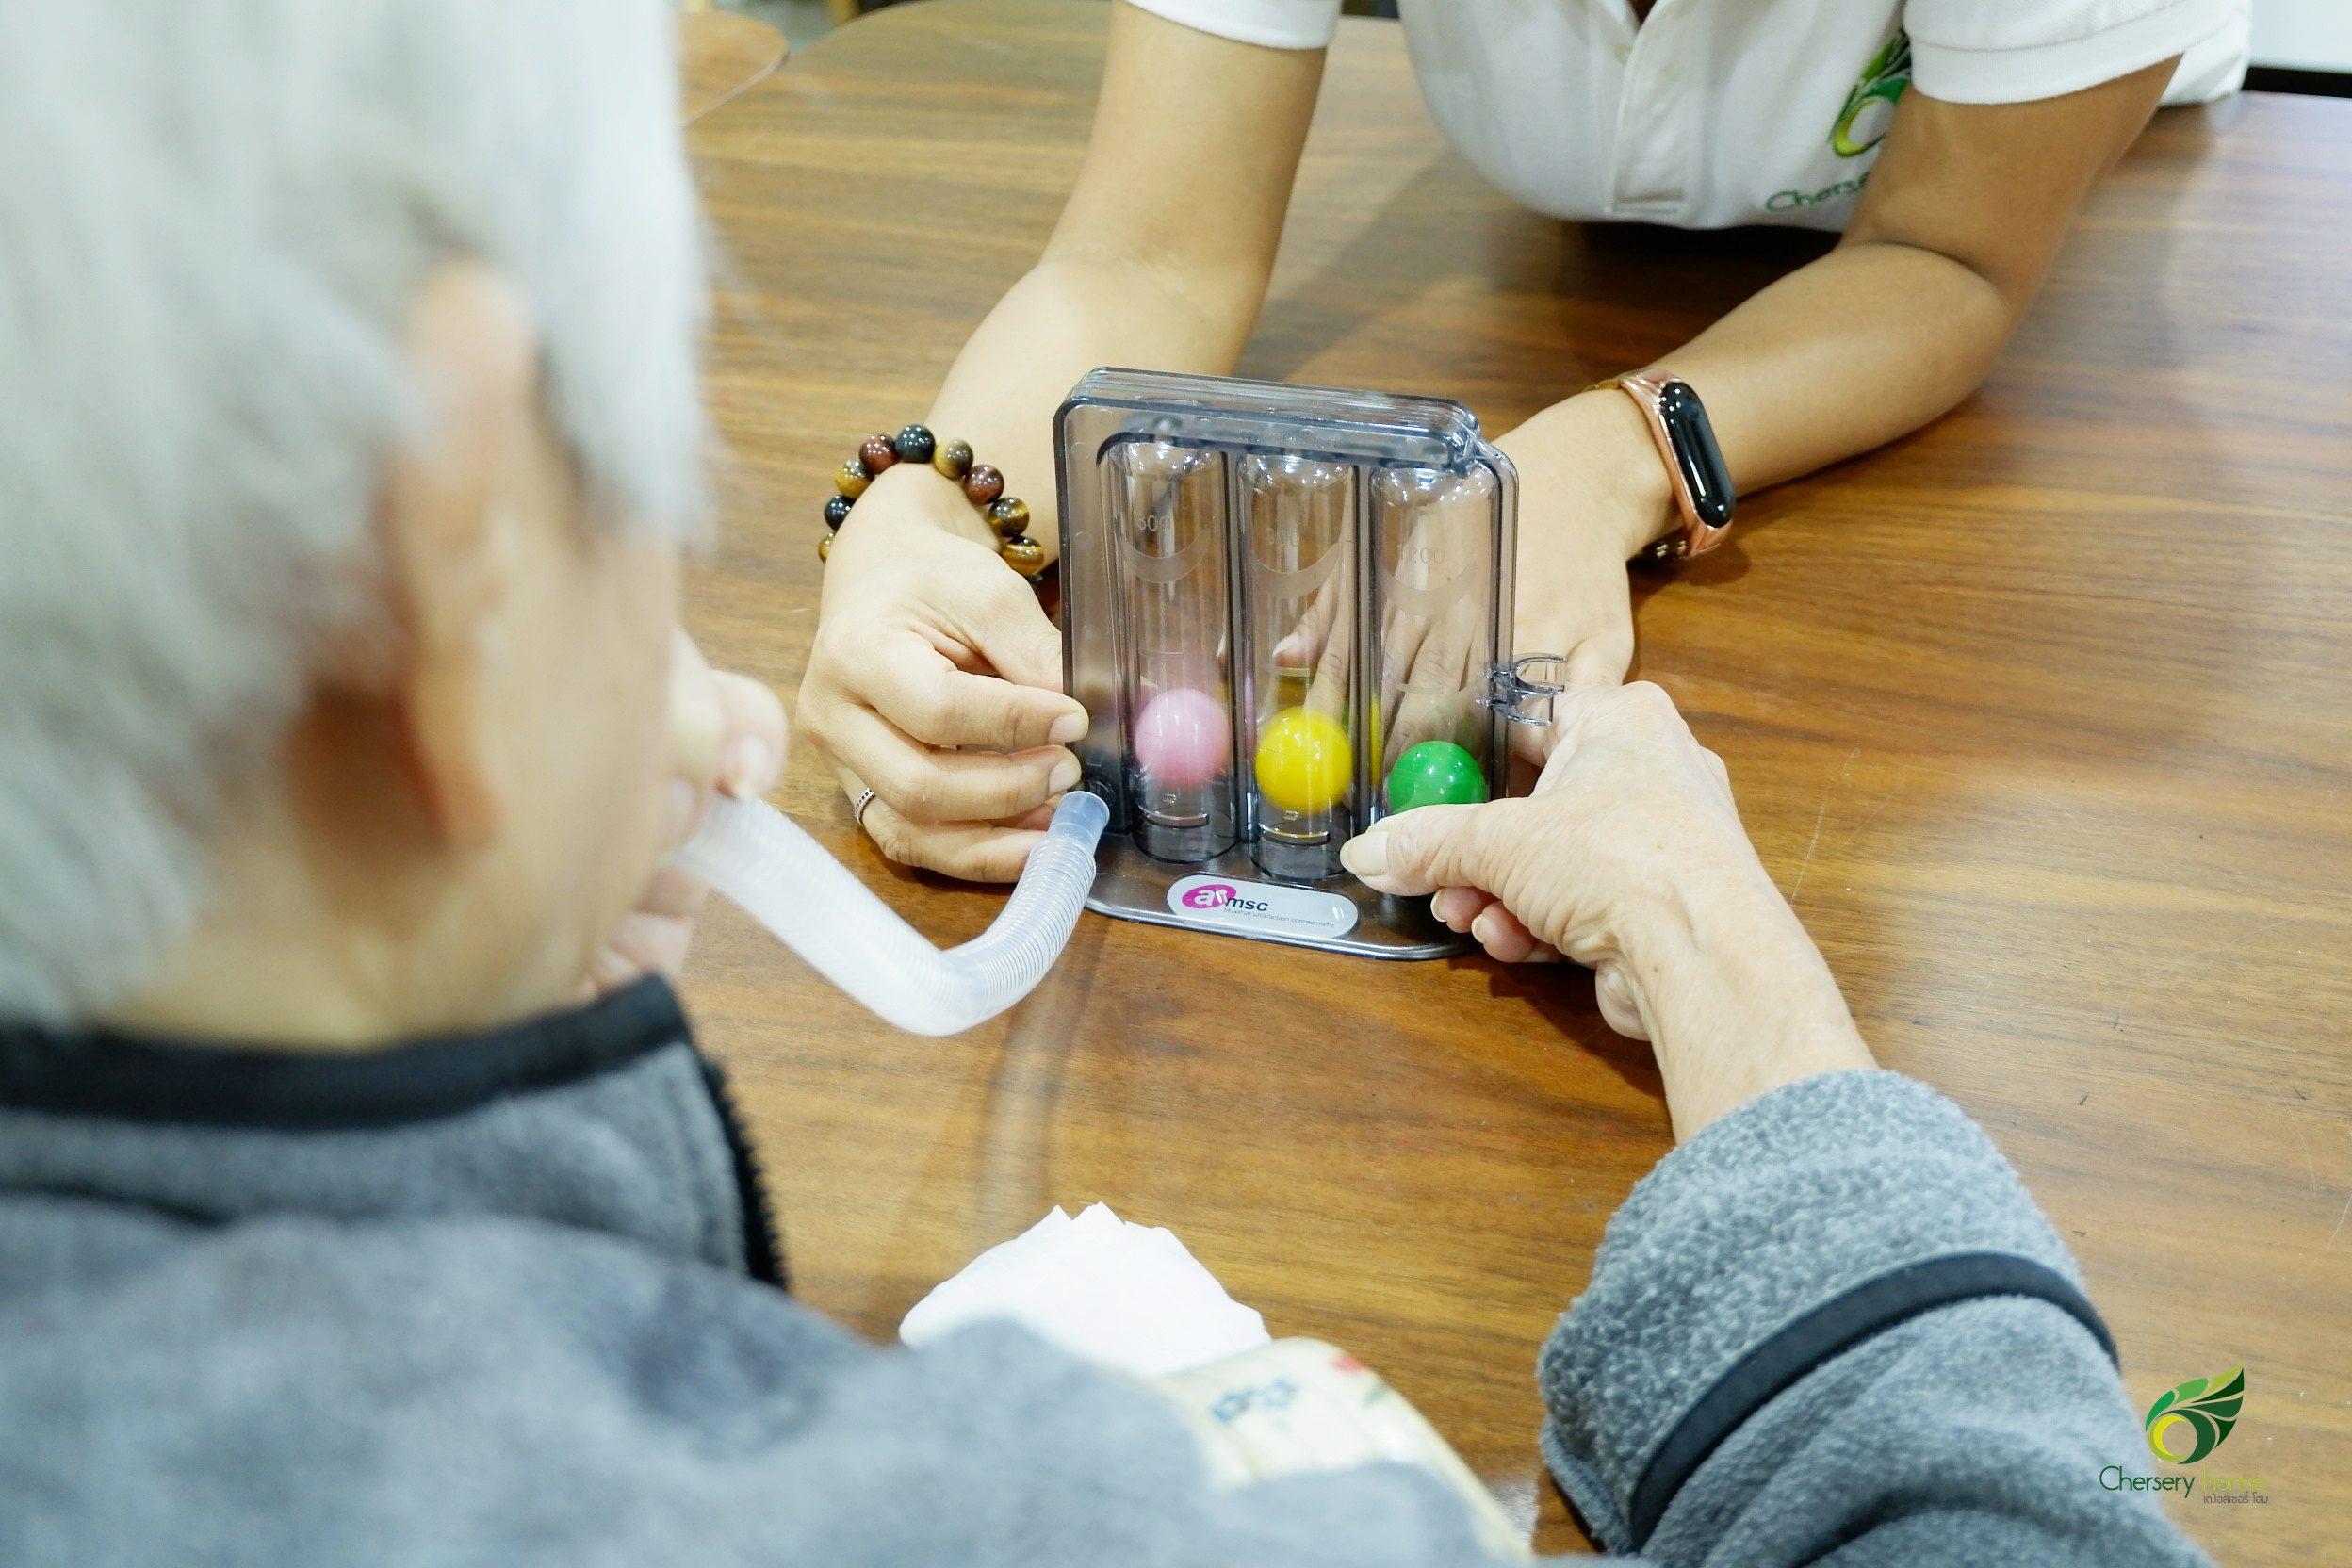 วิธีการใช้เครื่องบริหารปอดสำหรับผู้สูงวัย